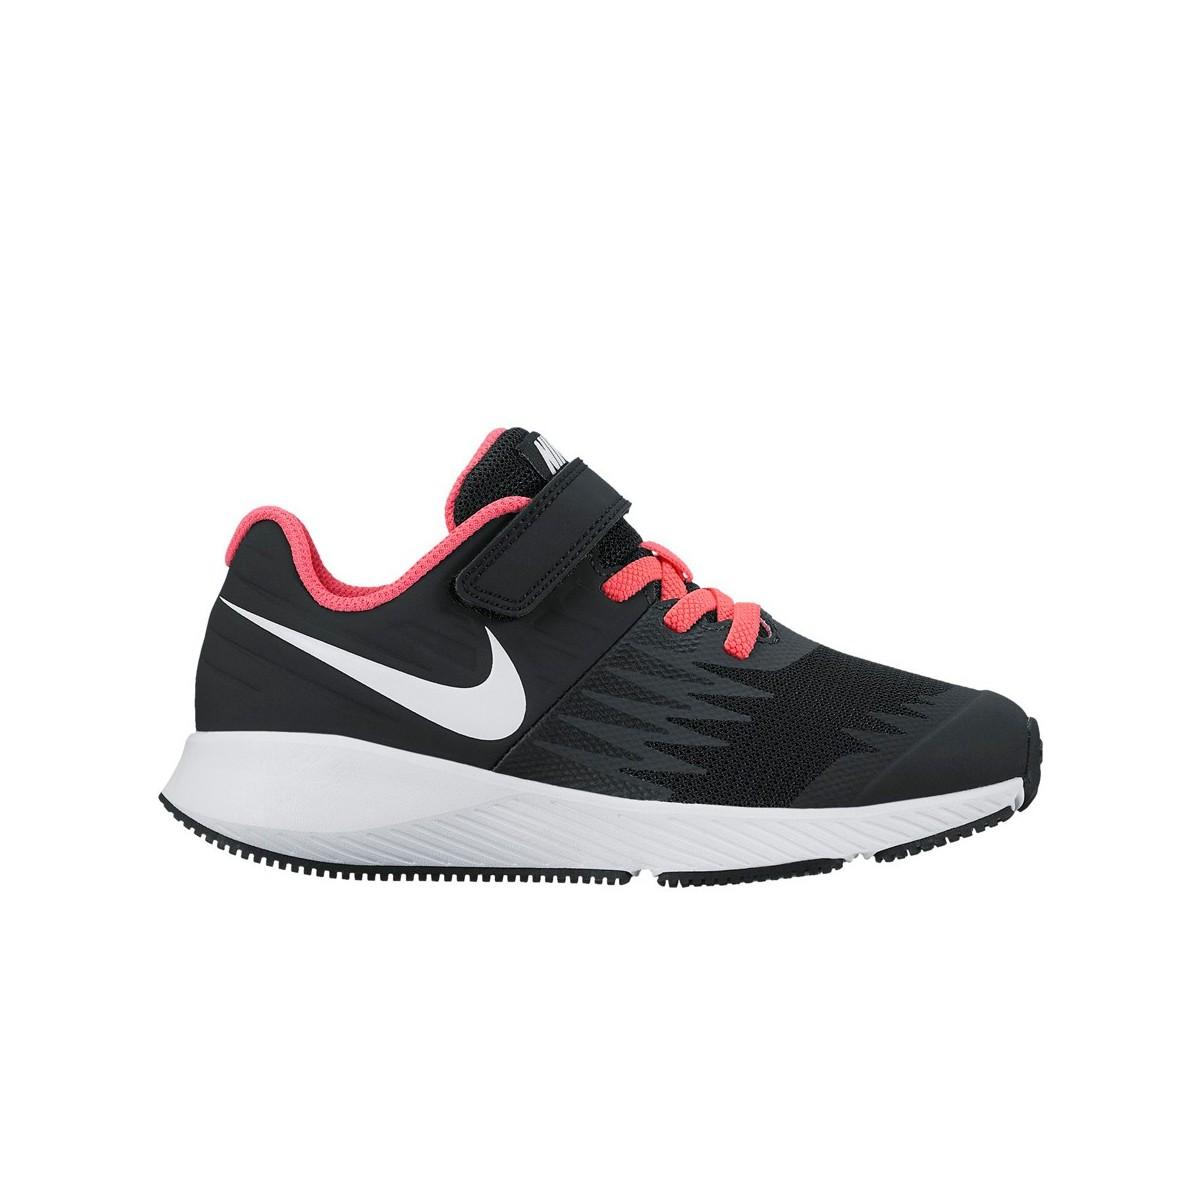 3f28295adac1c NIKE STAR RUNNER NEGRAS NIÑA  Zapatillas Nike Niña 921442 001 Mejor ...